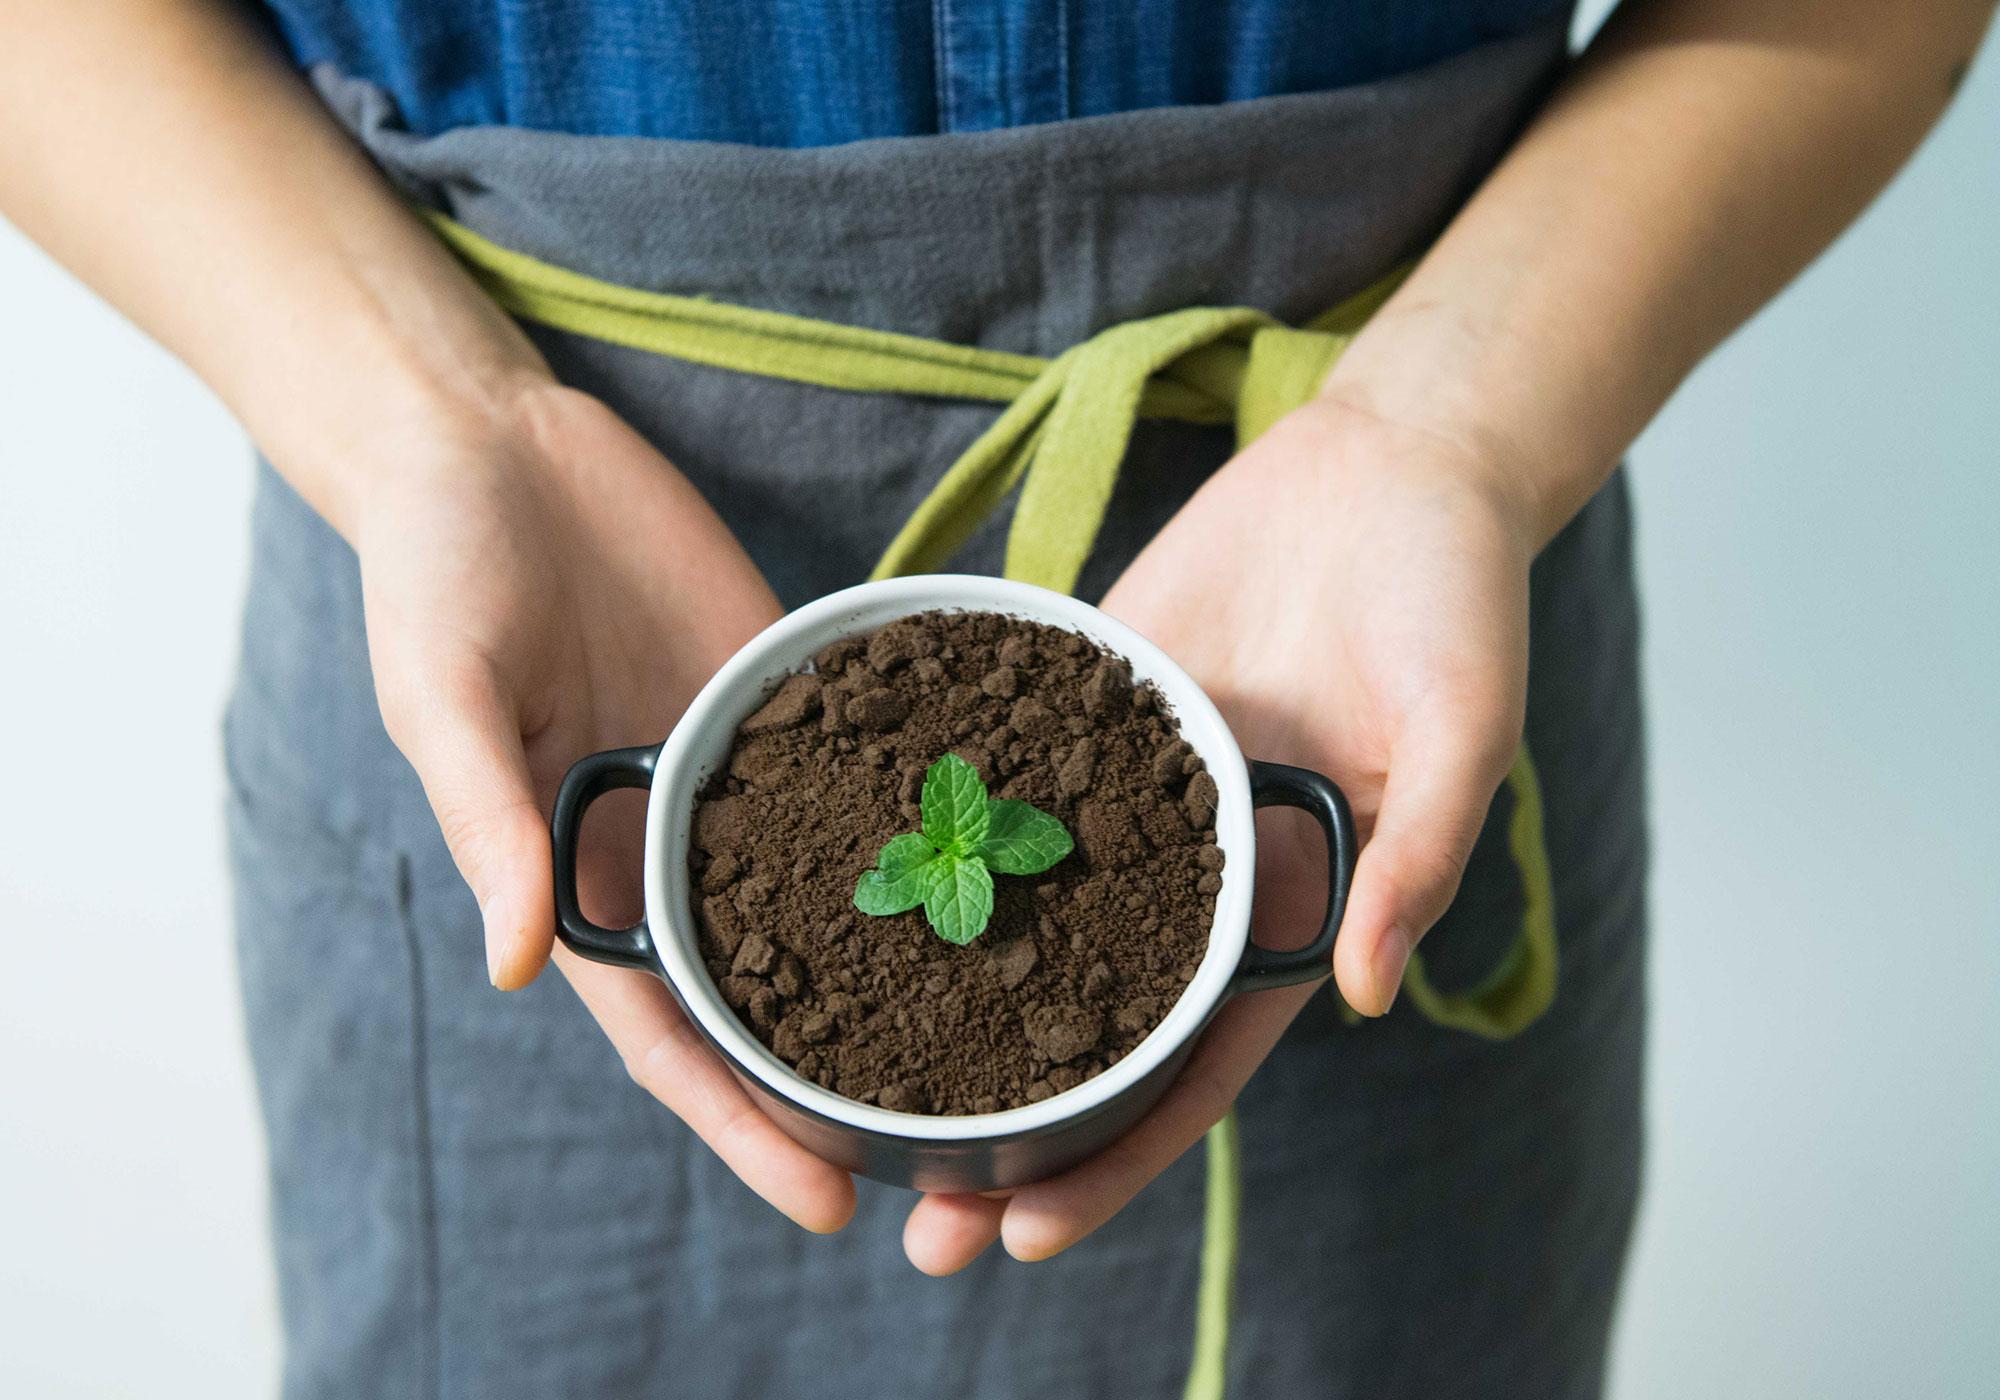 לגדל בבית בעזרת וקה סאן - תאורה חכמה לצמחים